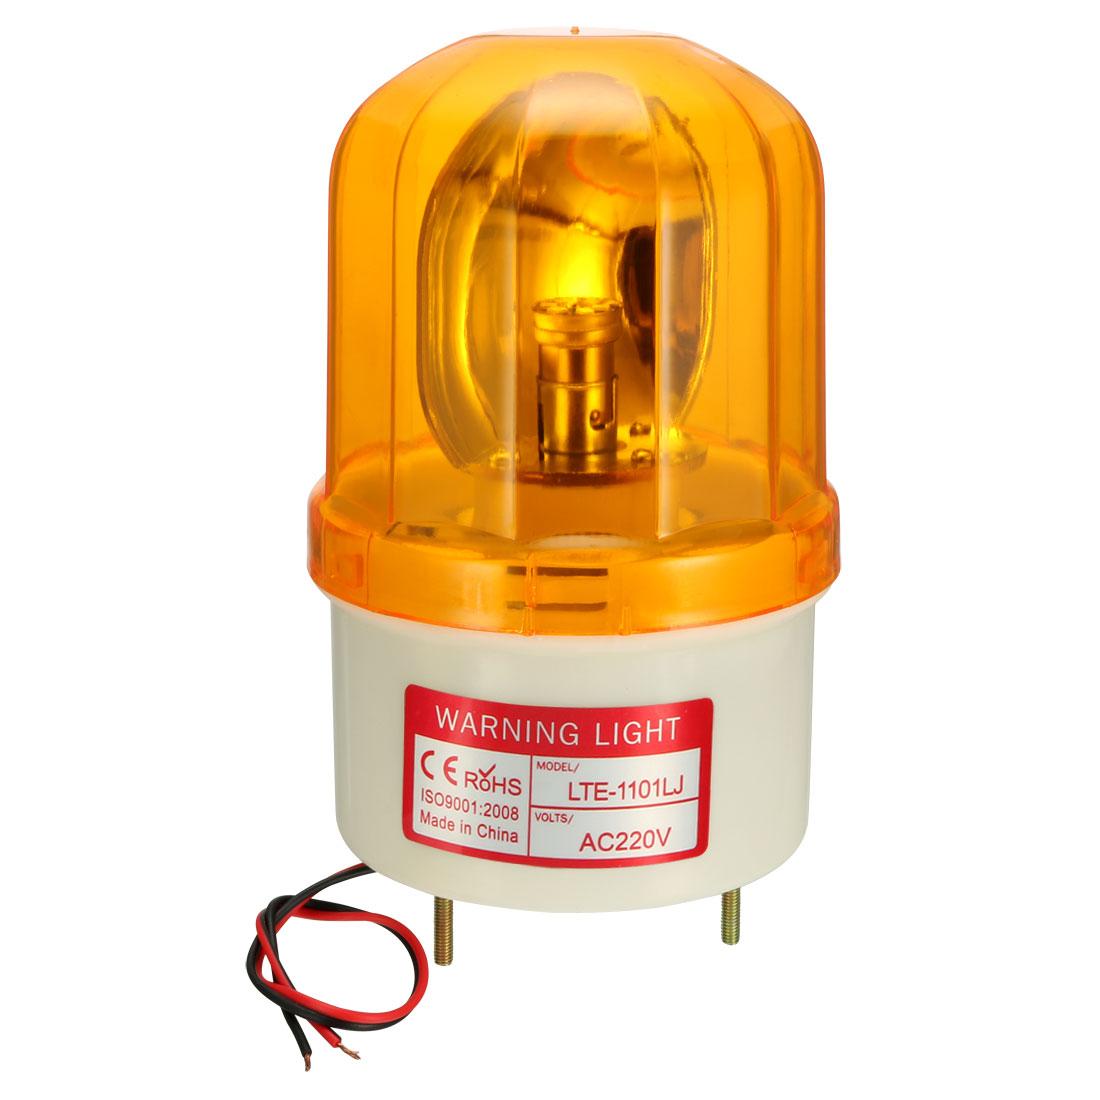 LED Warning Light Rotating Flashing Alarm Lamp Buzzer 90dB AC 220V +/-10% Yellow